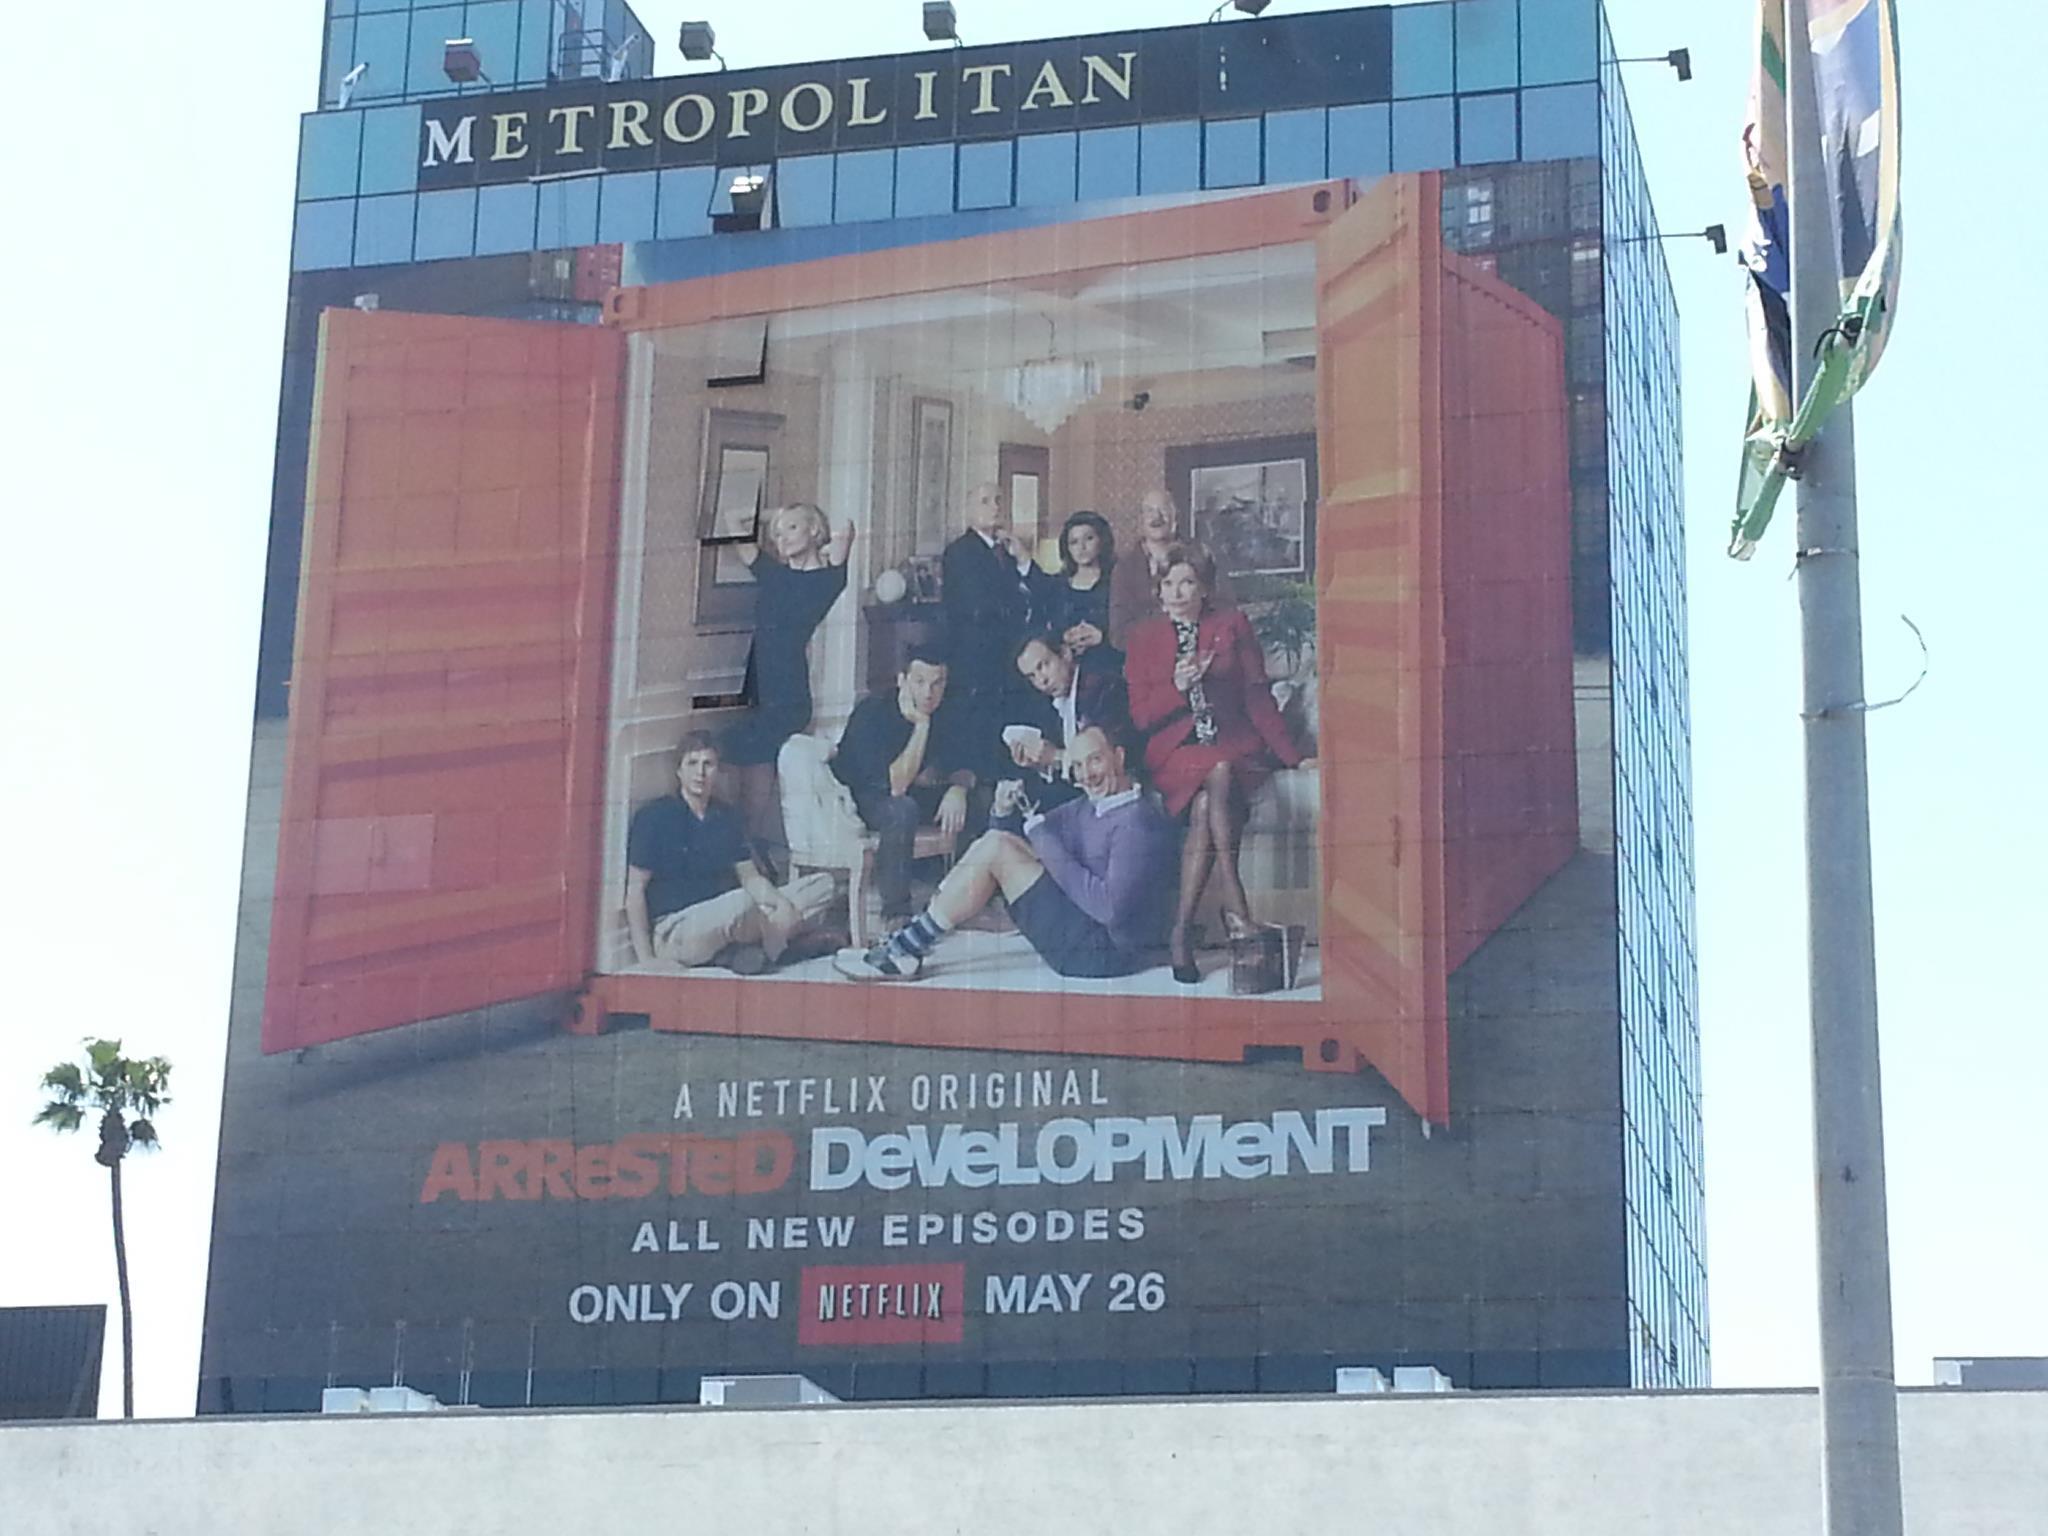 Arrested Development Season 4 - Character Billboard 03.jpg